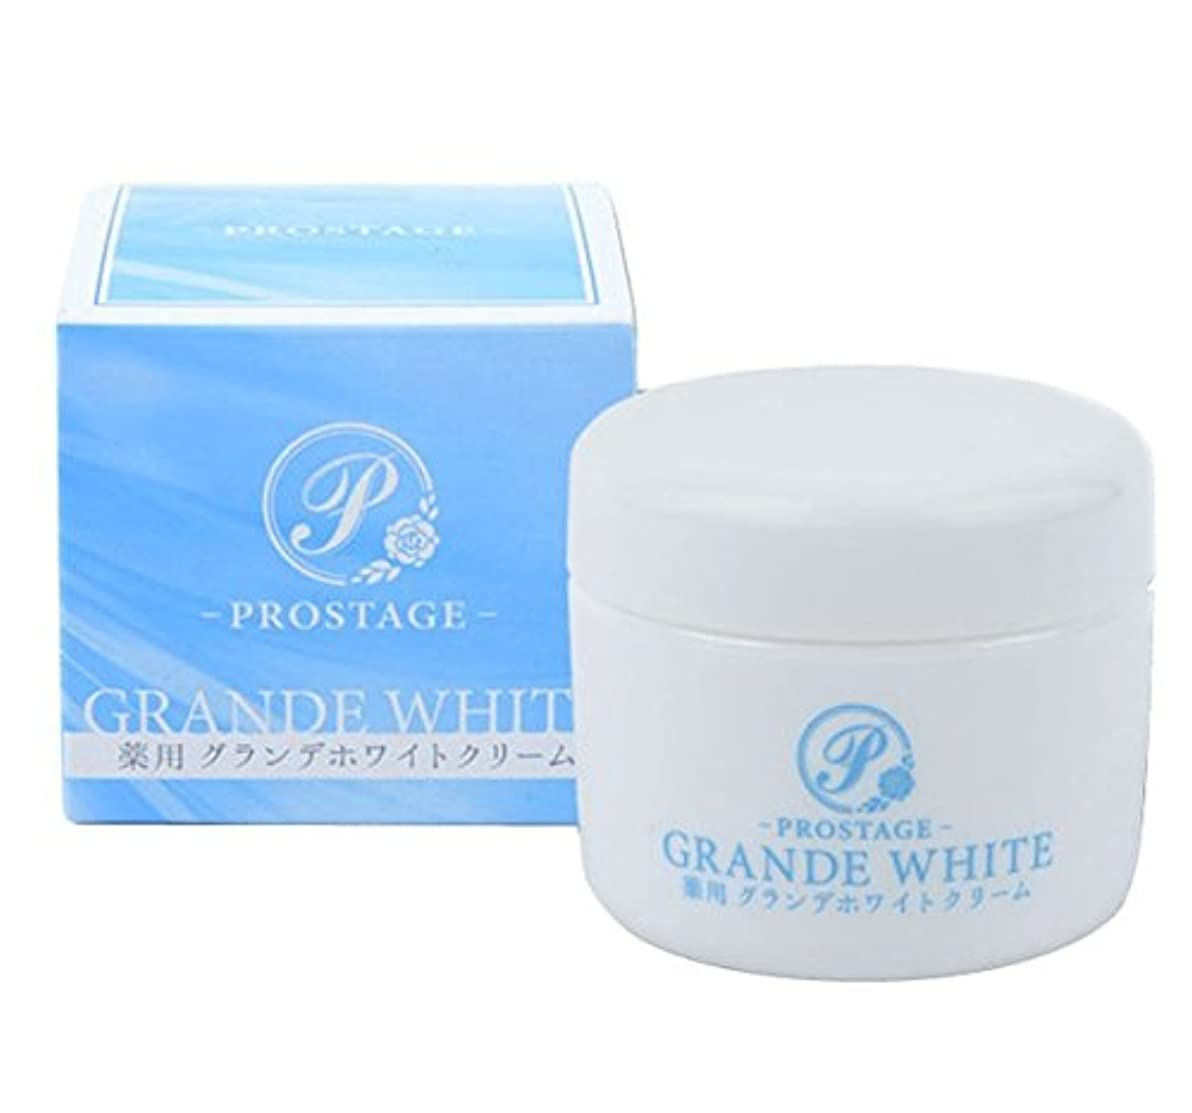 シフト骨ゴシップ薬用グランデホワイトクリーム PROSTAGE ホワイトニングクリーム 大容量80g (2個)